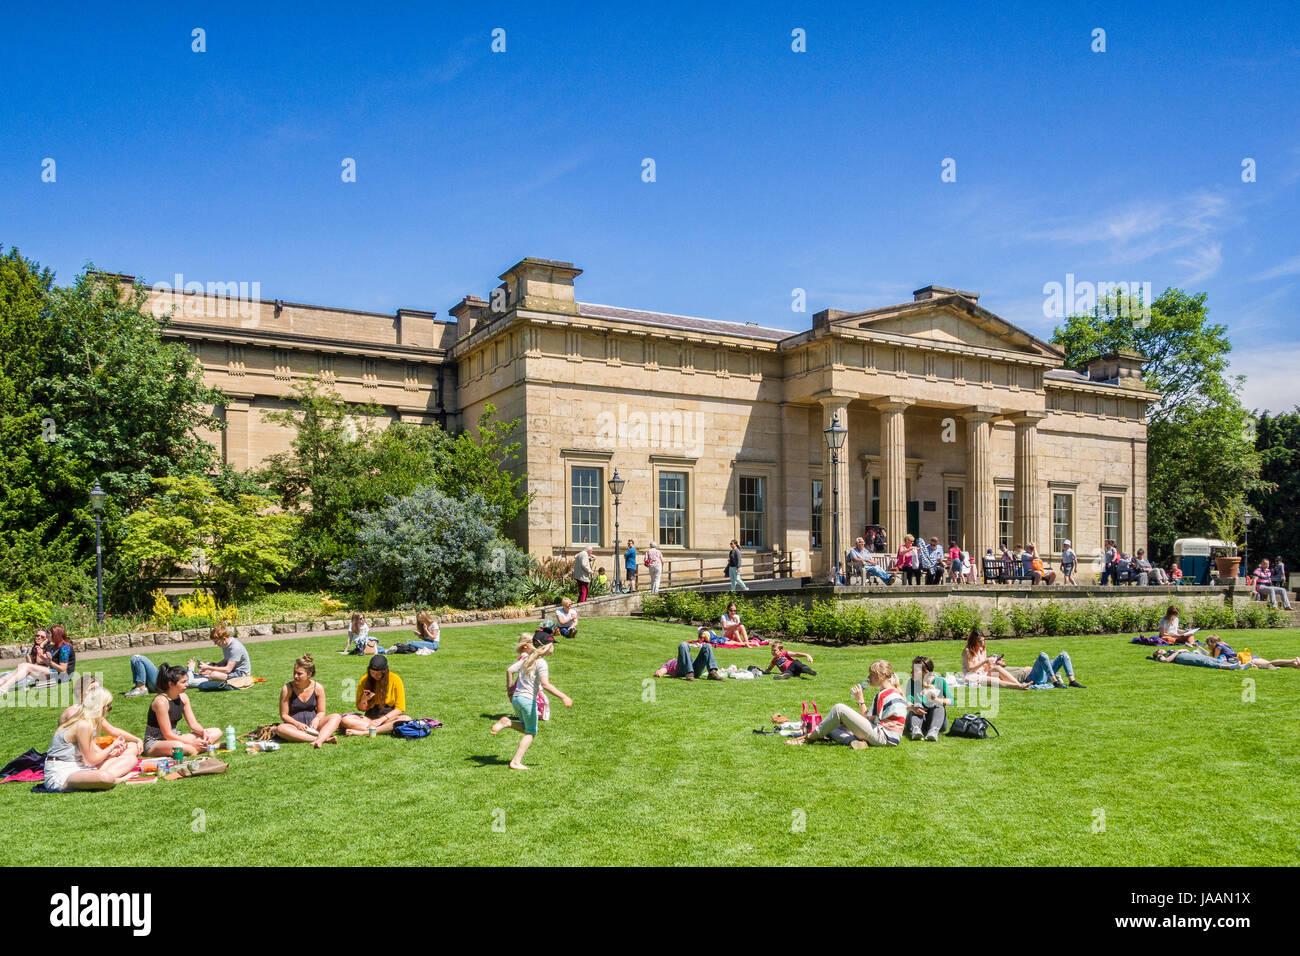 31 Mai 2017: York, North Yorkshire, Angleterre, Royaume-Uni - des gens de tous les âges se détendre Photo Stock